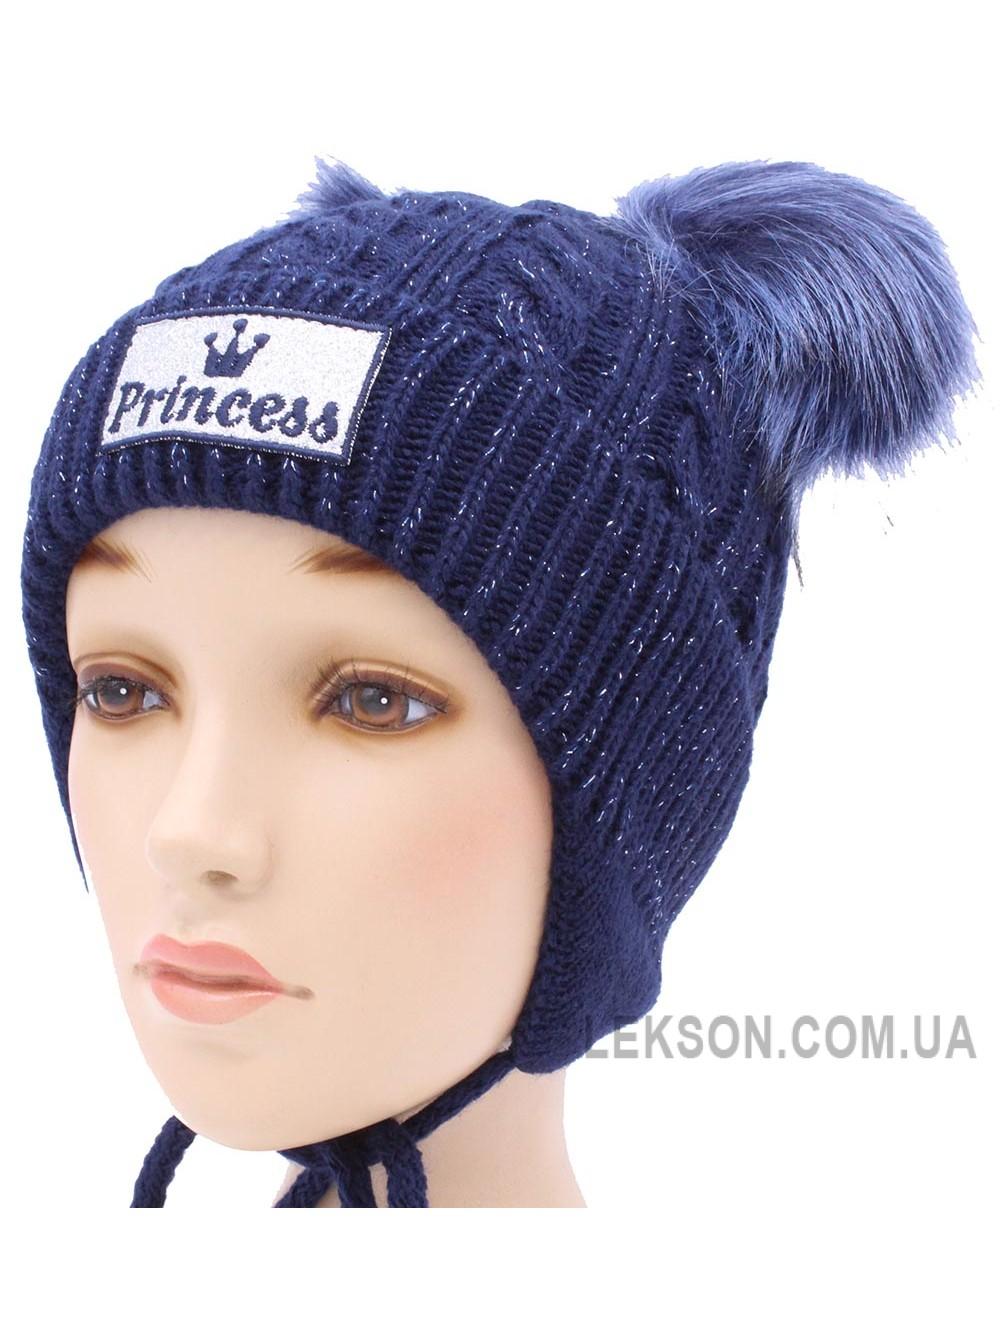 Детская вязаная шапка Принцесса D51737-46-50